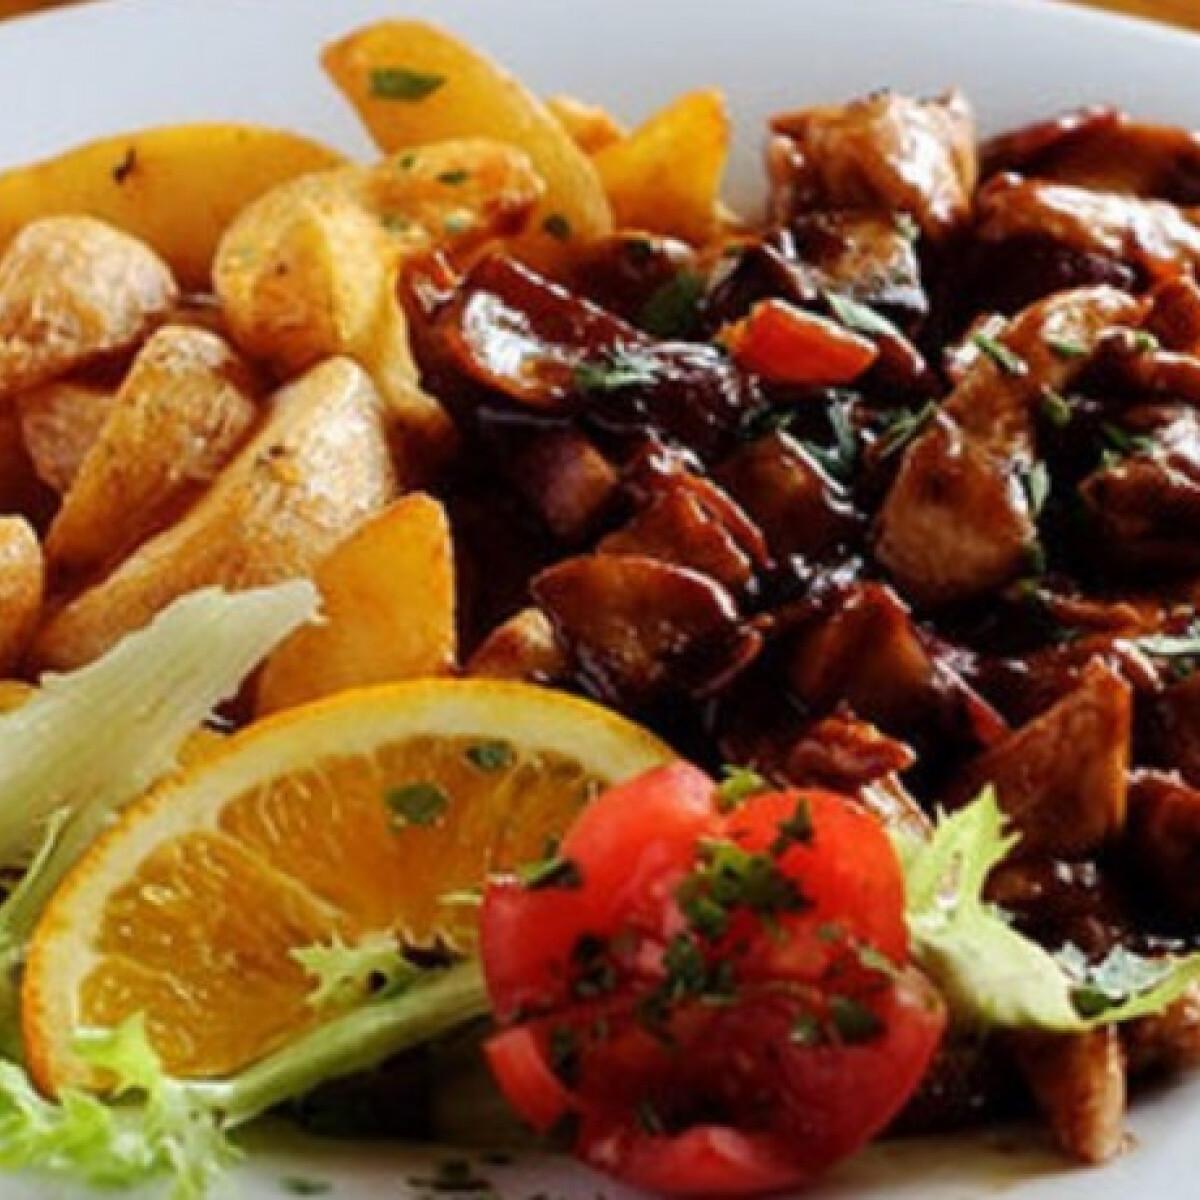 Ezen a képen: Barbecue szószos csirkemellcsíkok gombával